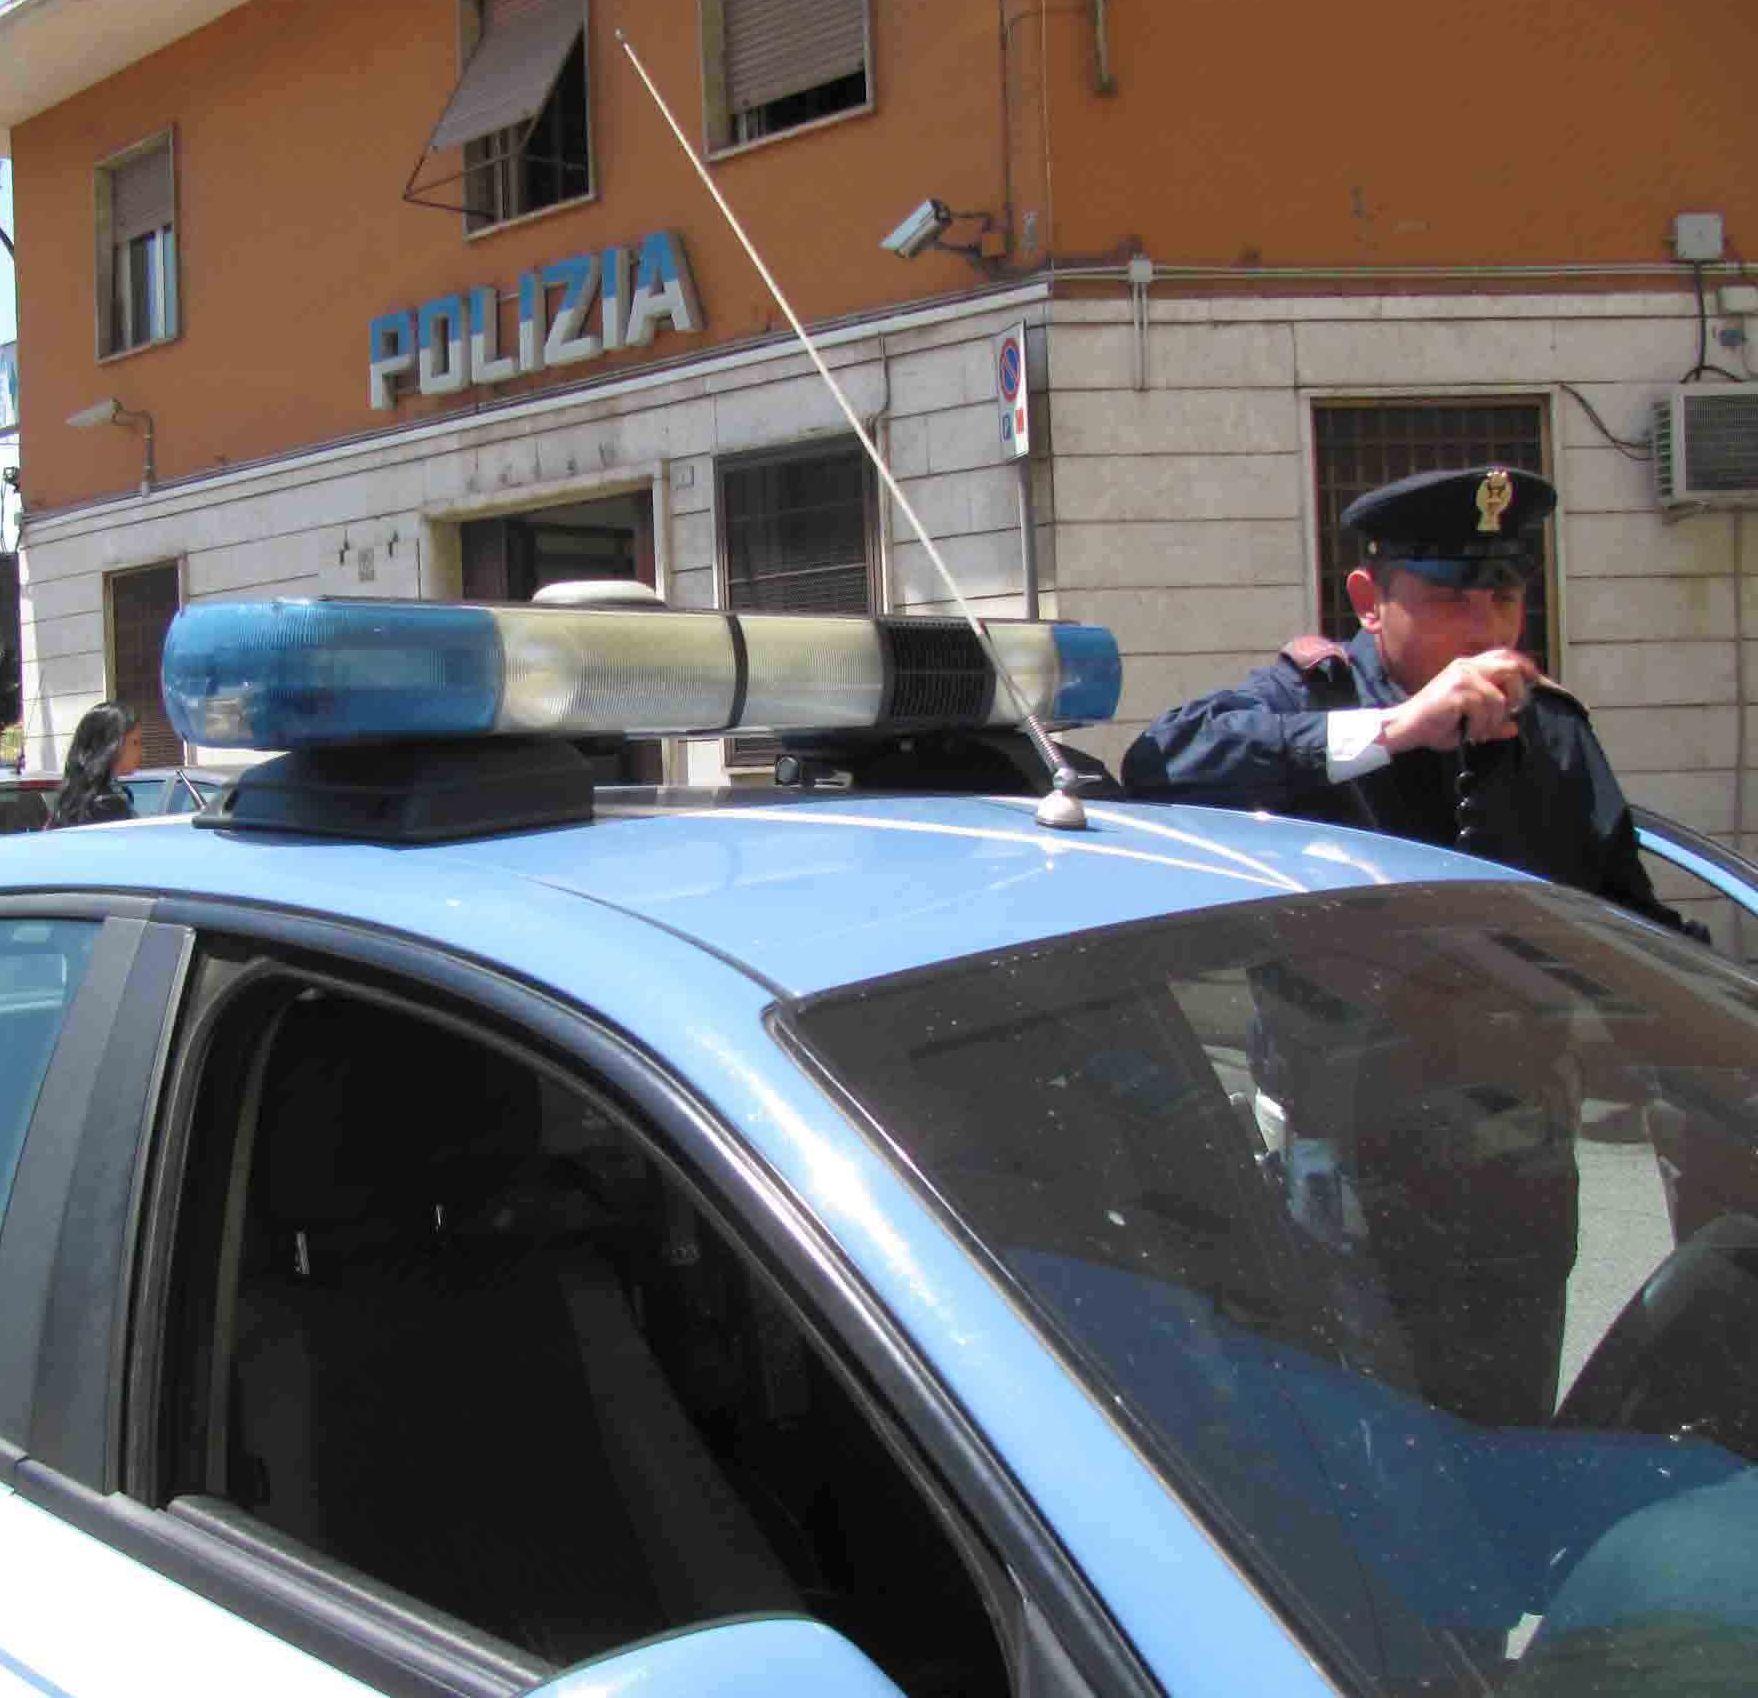 Polizia Tivoli